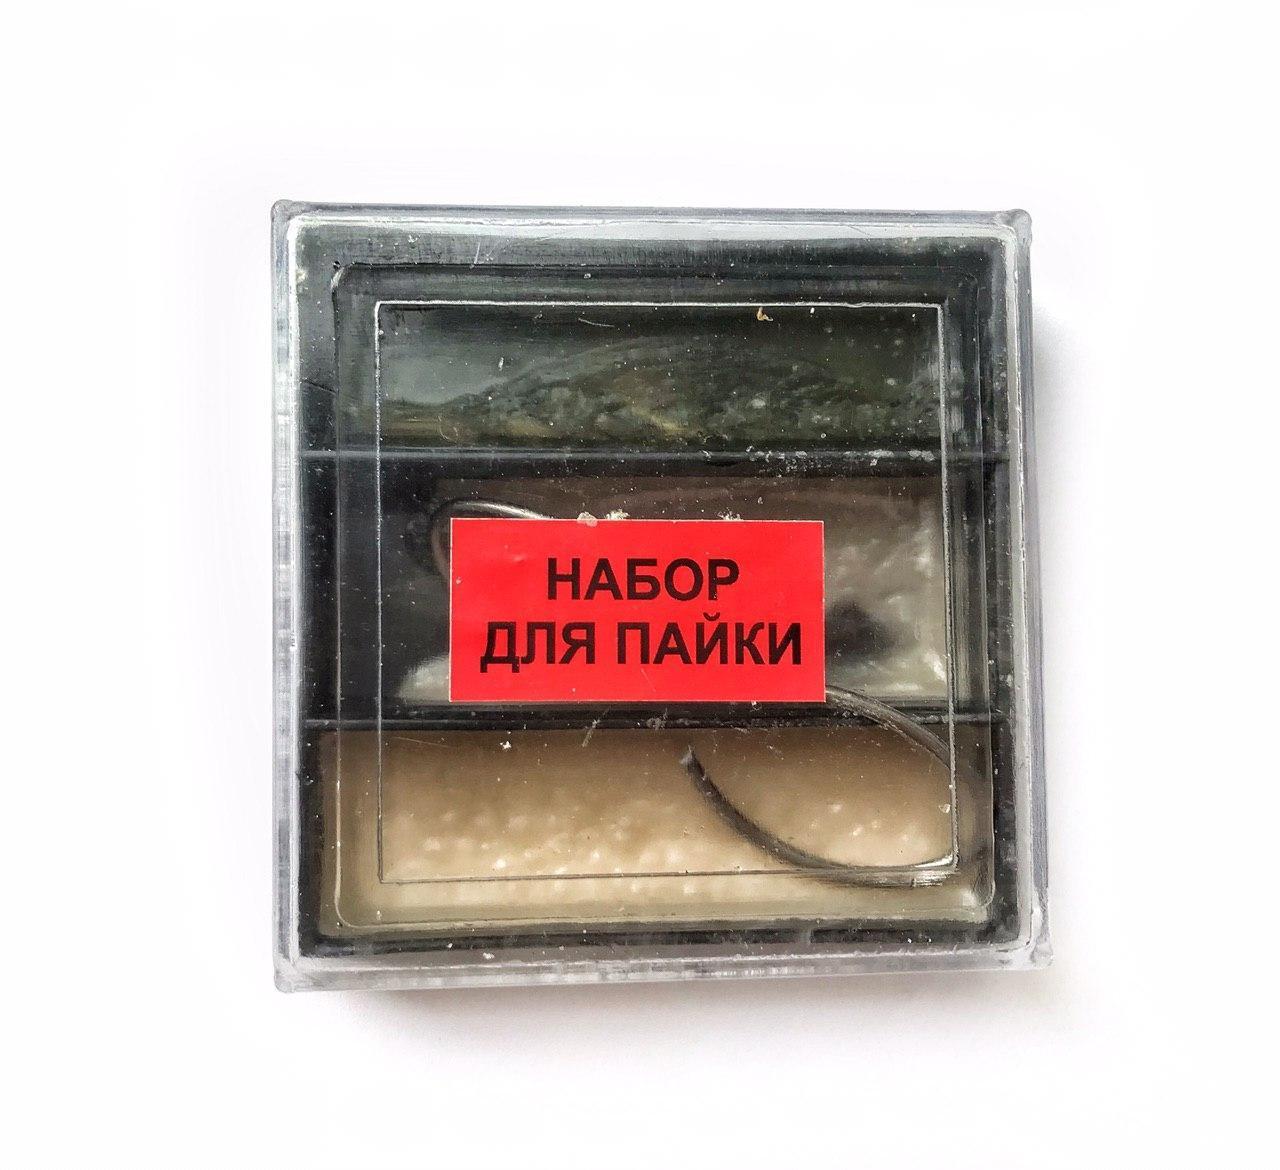 Набір для пайки(стеарин, каніфоль,припой) в пластиковій коробочці